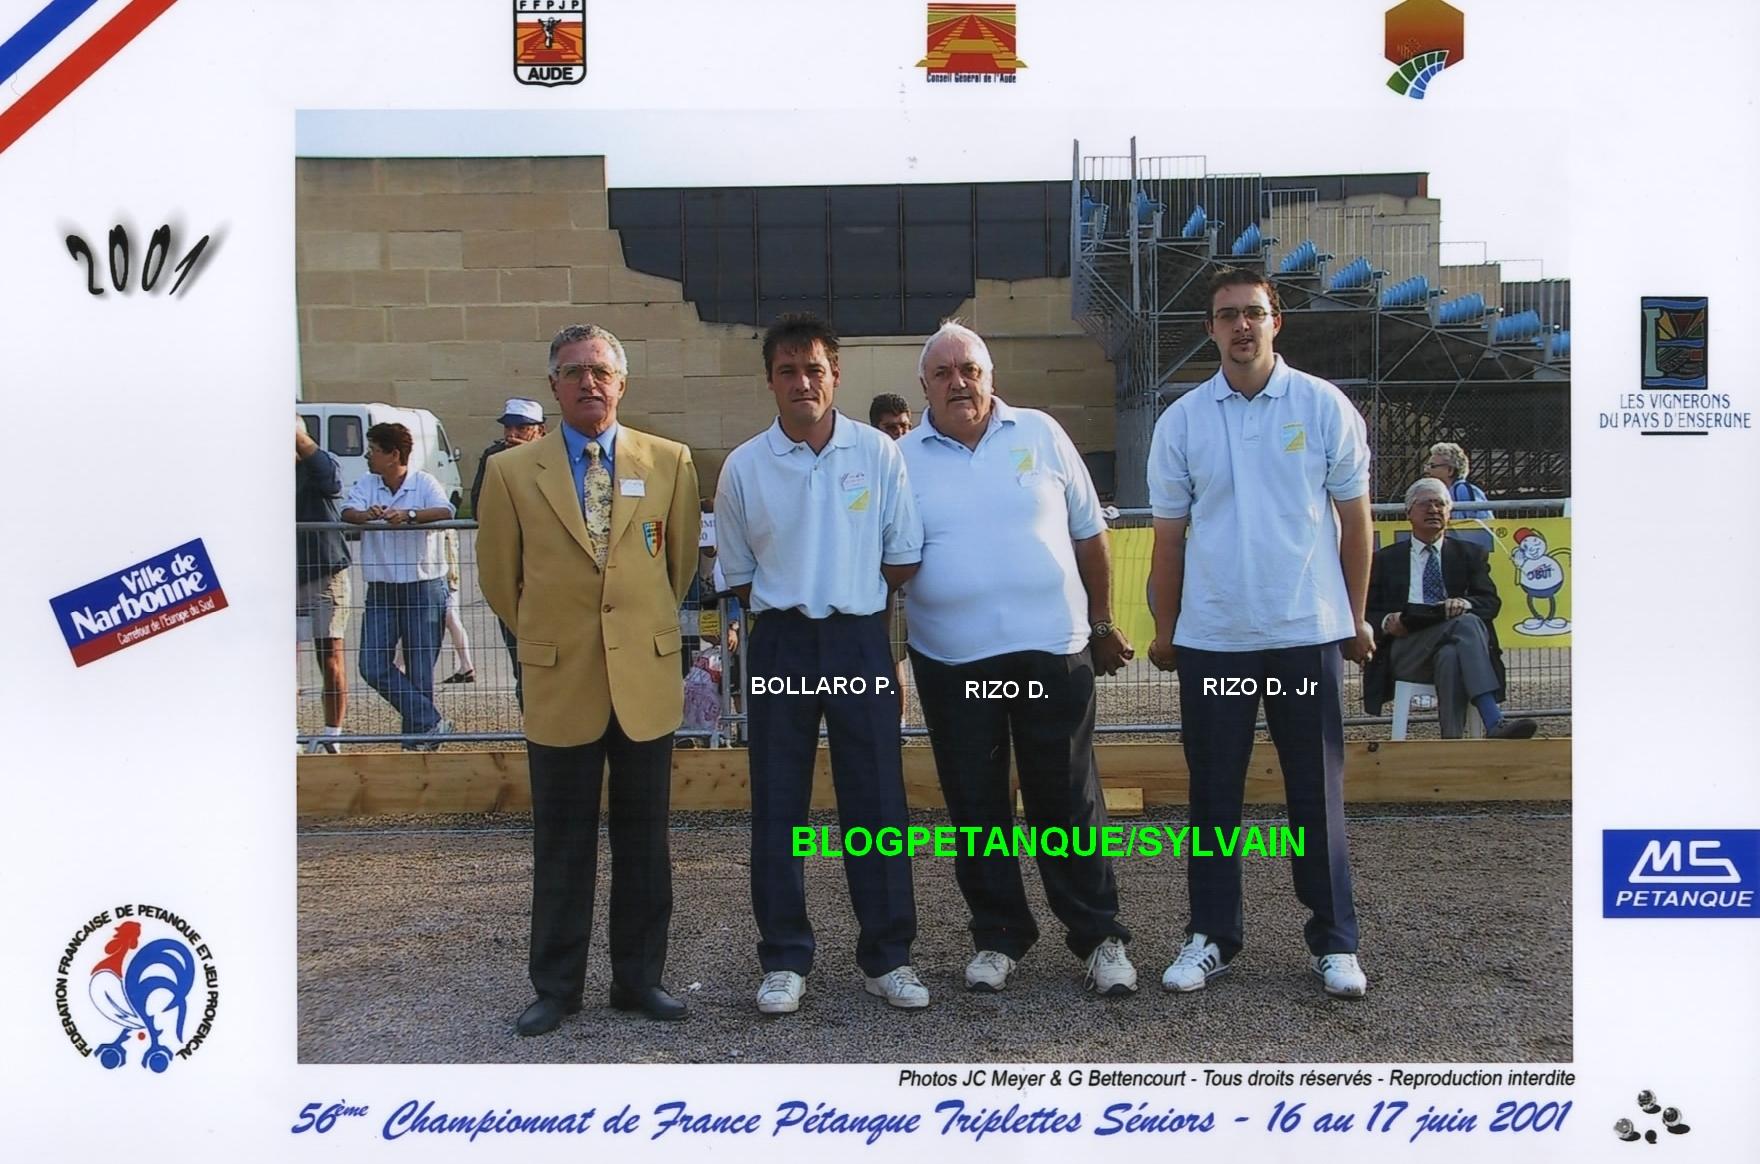 Les vices champions de ligue triplettes du 06